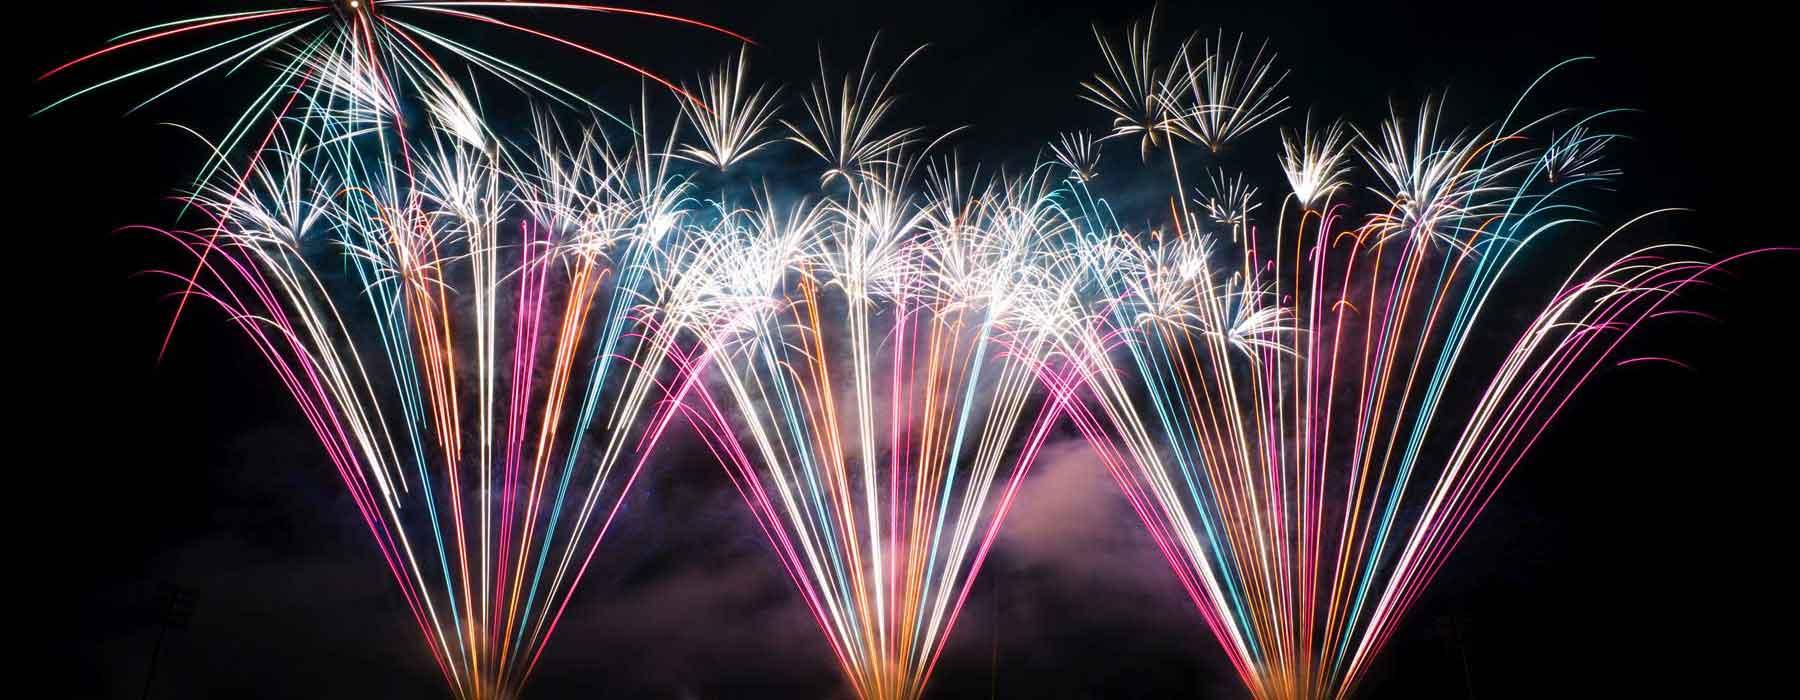 fuochi d 39 artificio fuochi artificiali alessi